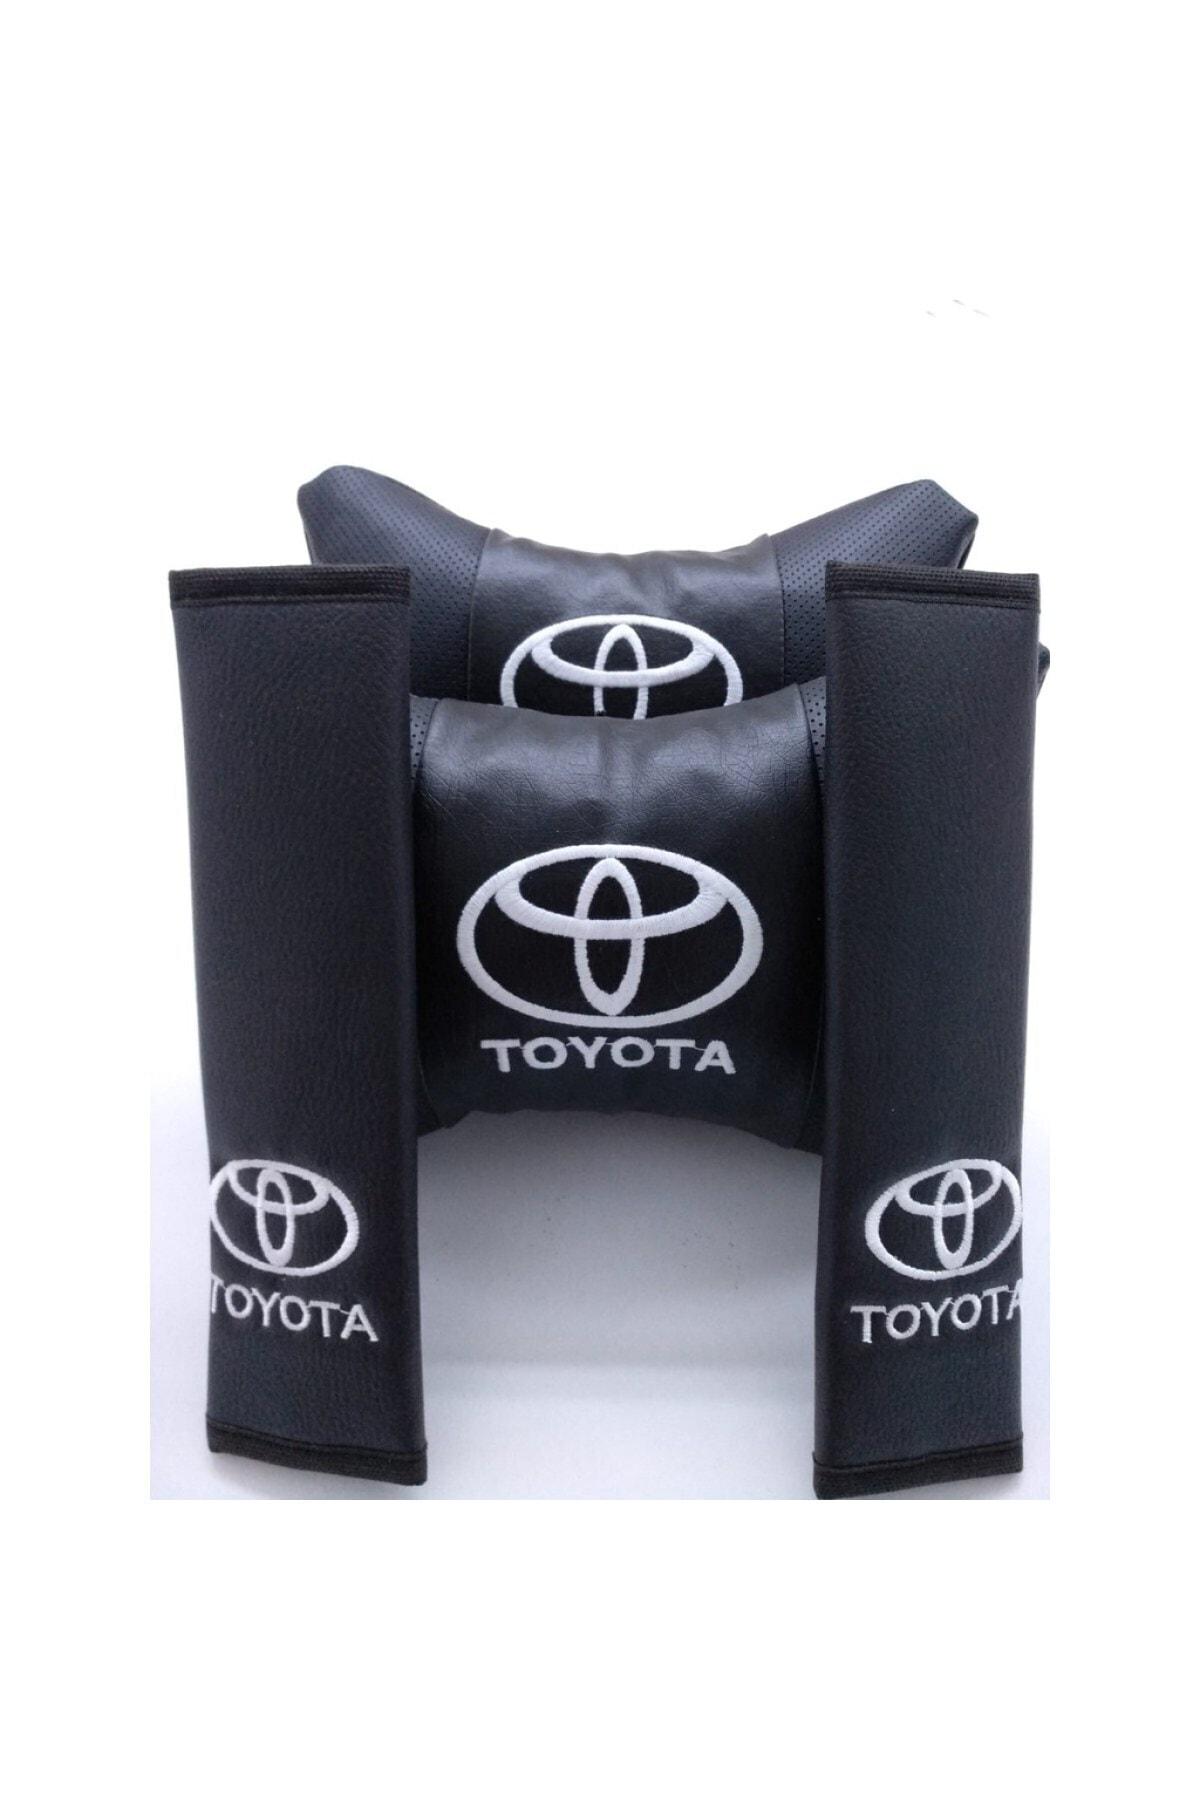 MOPS Toyota Corolla 2019 Ve Sonrası Lüks Deri Boyun Yastığı Ve Kemer Kılıfı 1